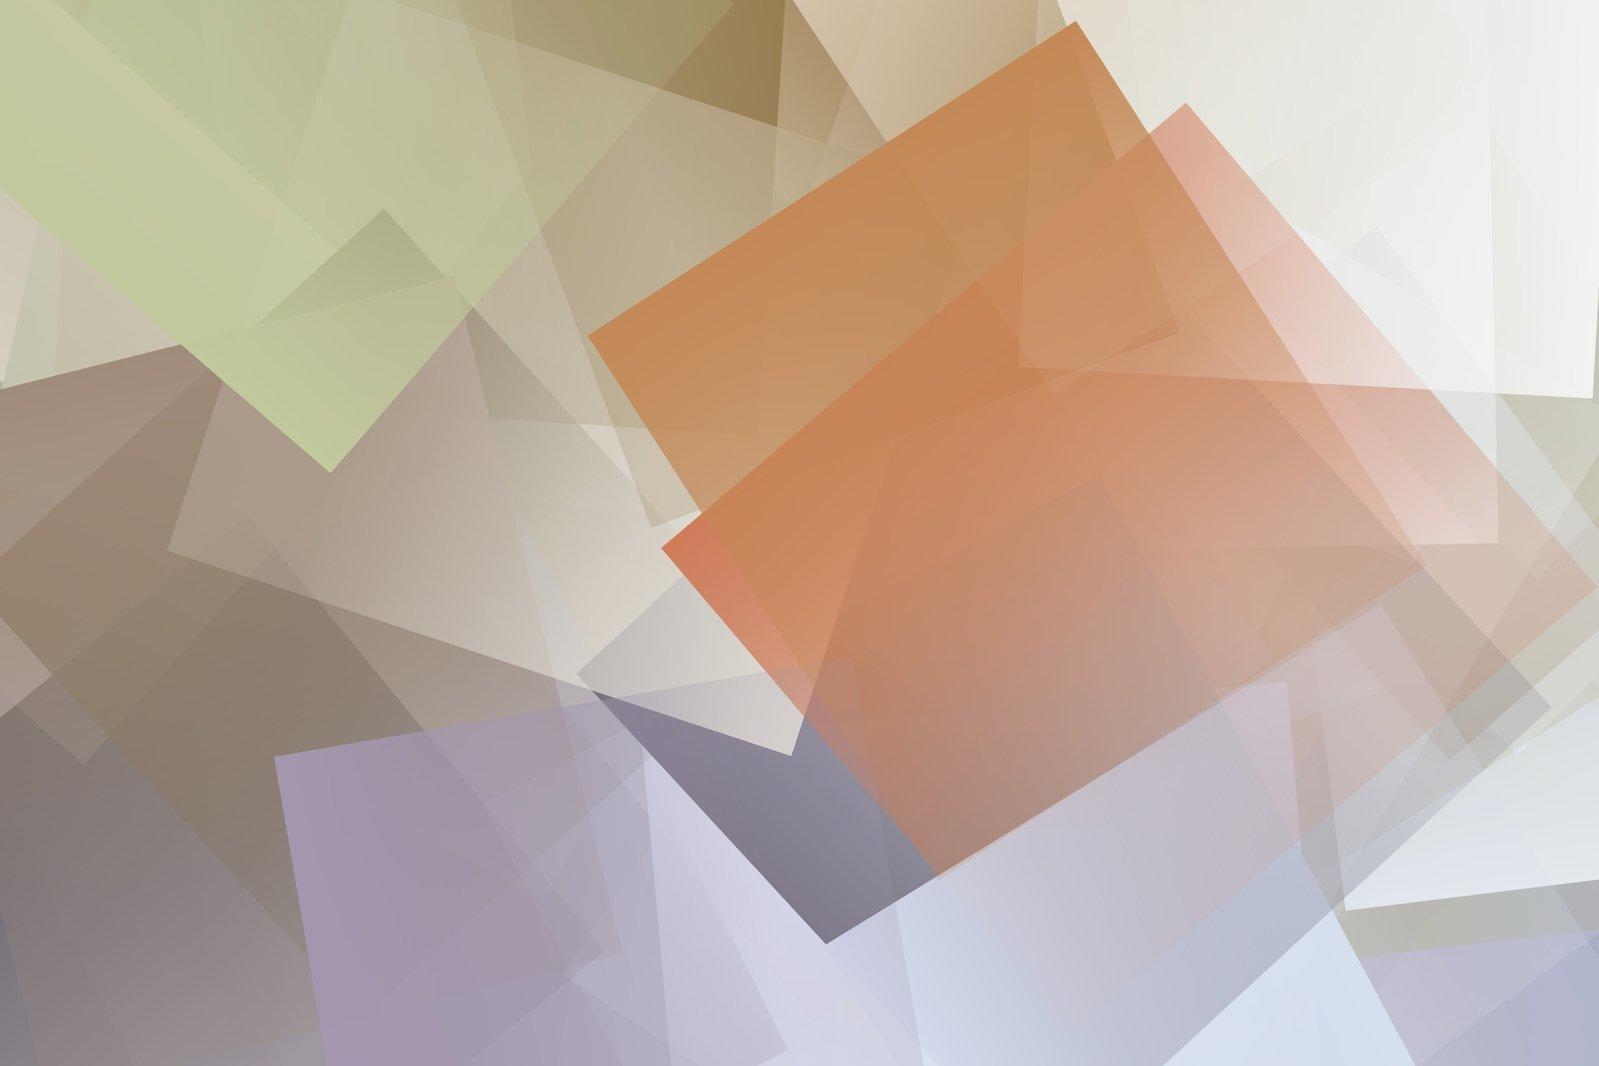 Exterior Home Design Games Free Cubism 5 Stock Photo Freeimages Com